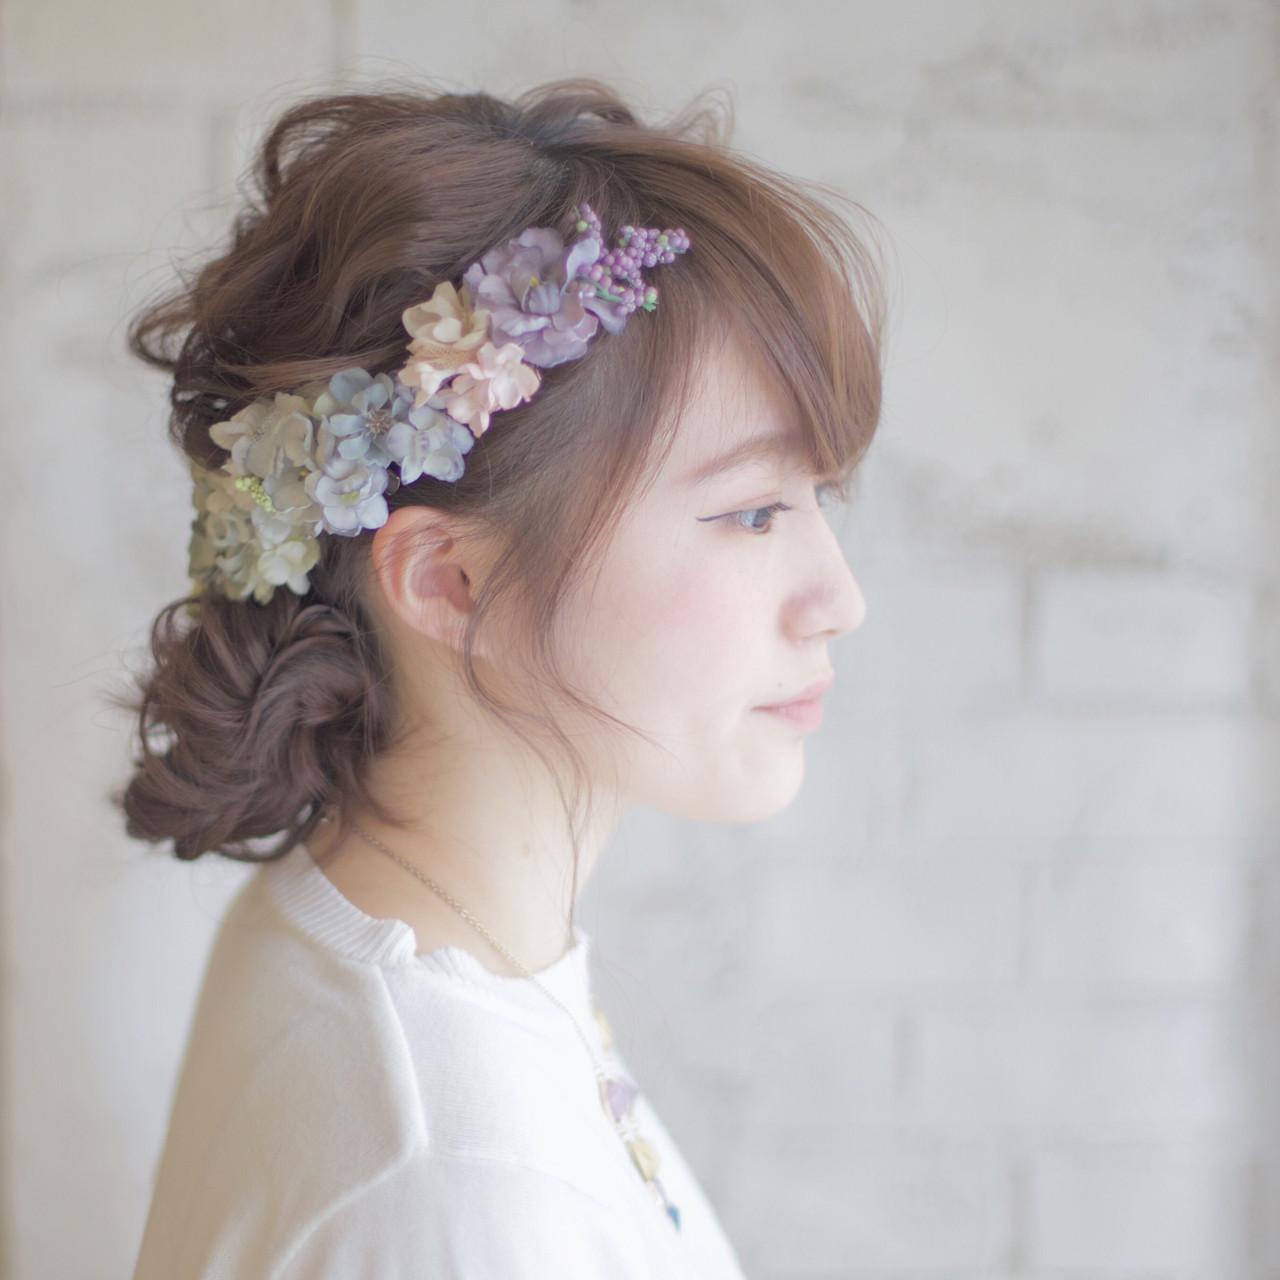 《花嫁アレンジ特集》結婚式の主役はあなた♡ステキな髪型を選ぼう!の20枚目の画像